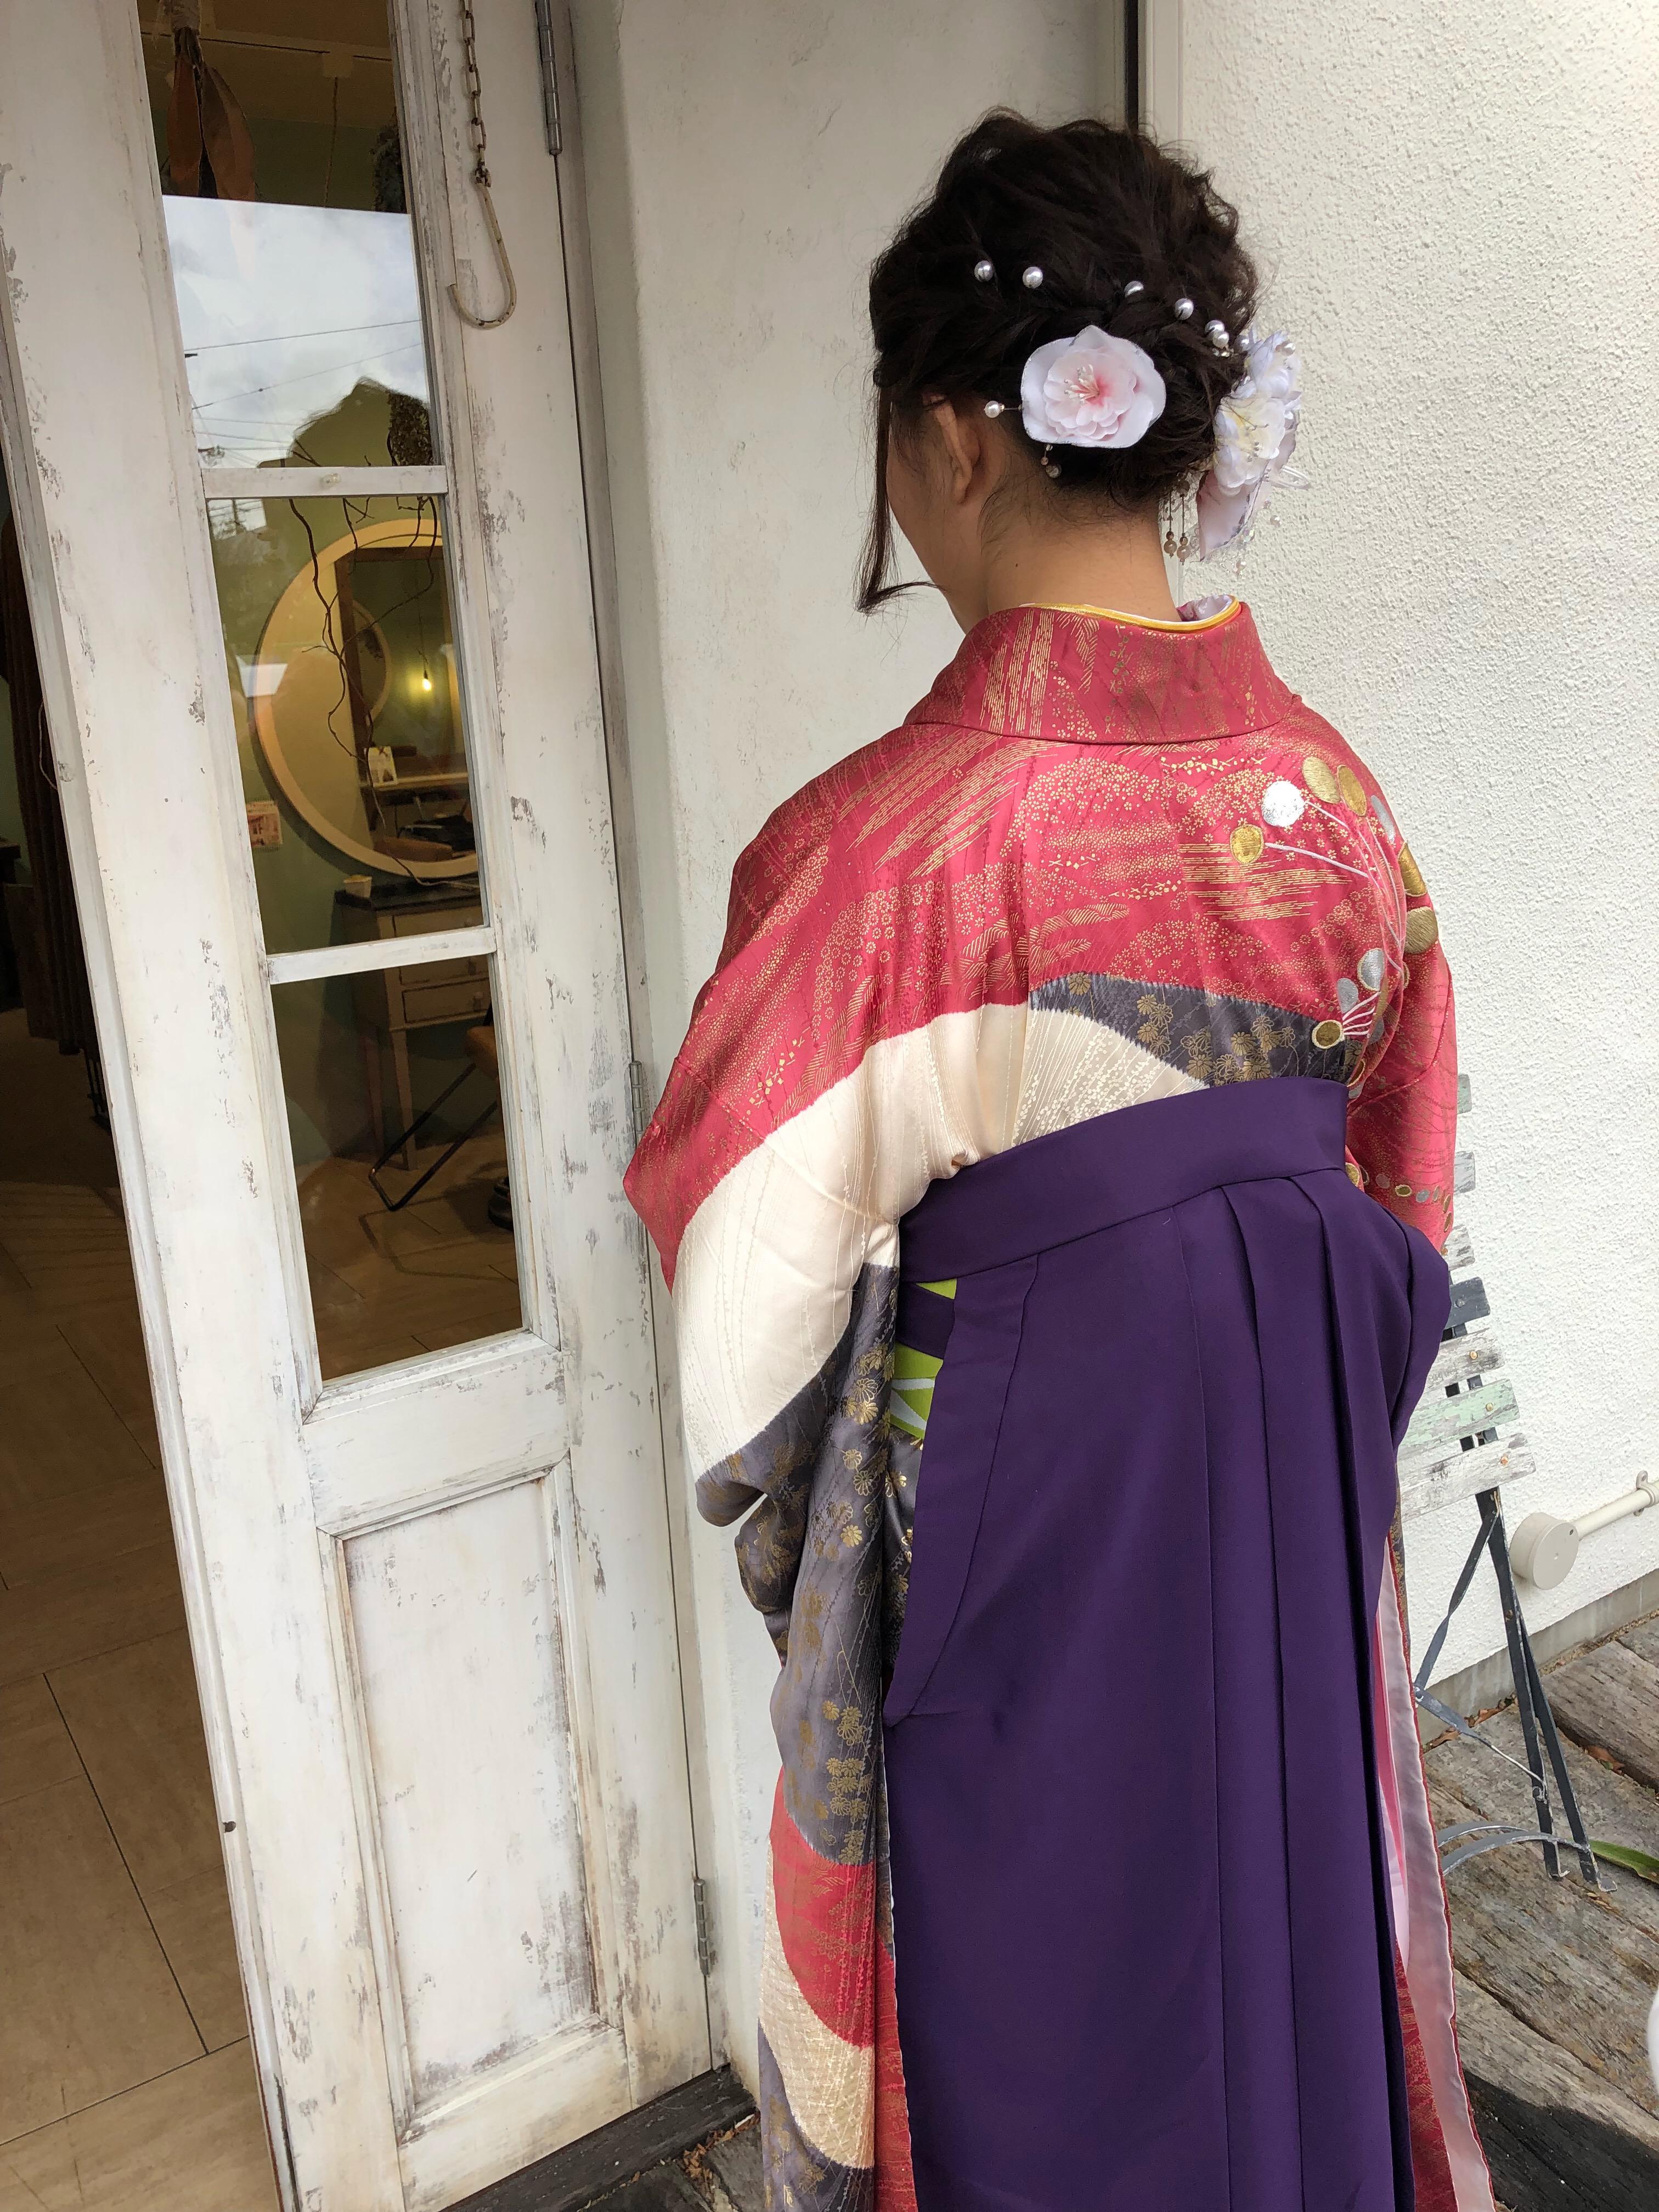 卒業式ラッシュ【堺市 初芝 美原区 卒業式 袴着付け】